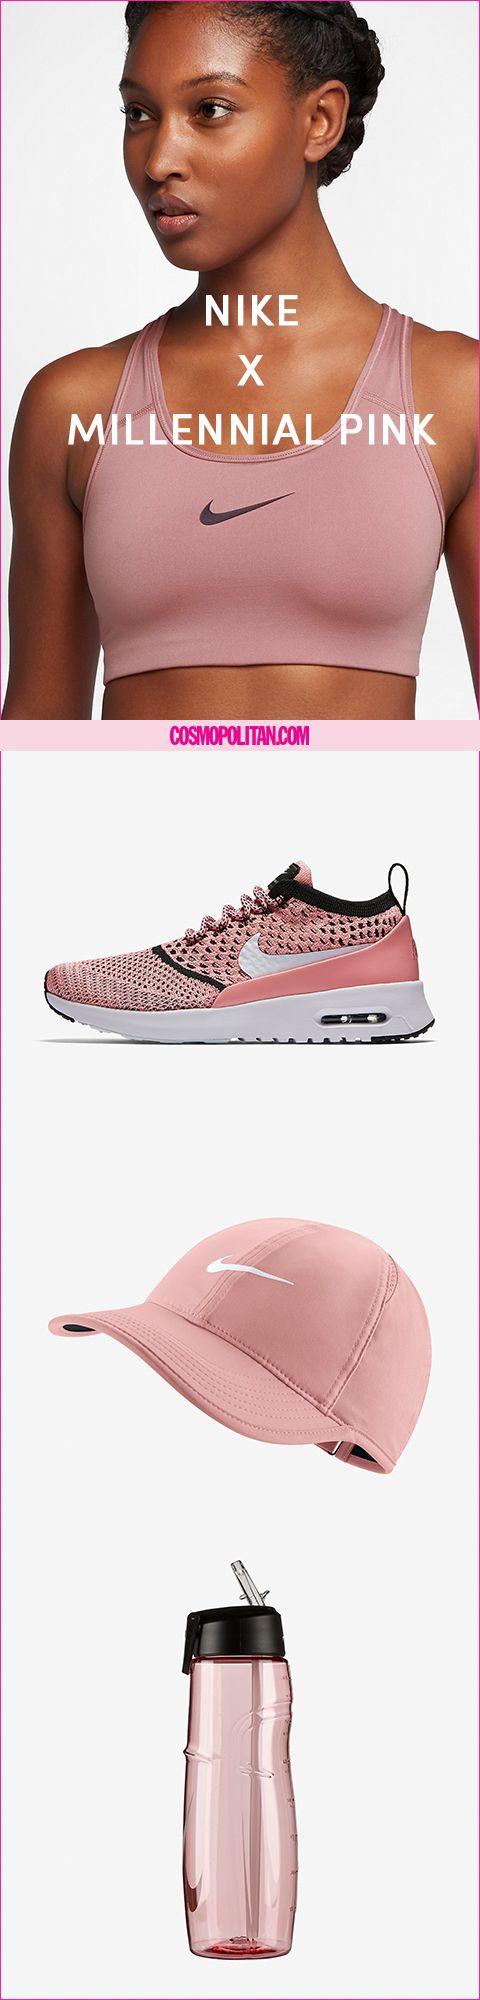 Footwear, Sneakers, Shoe, Pink, Plimsoll shoe, Outdoor shoe, Athletic shoe, Brand, Walking shoe, Nike free,